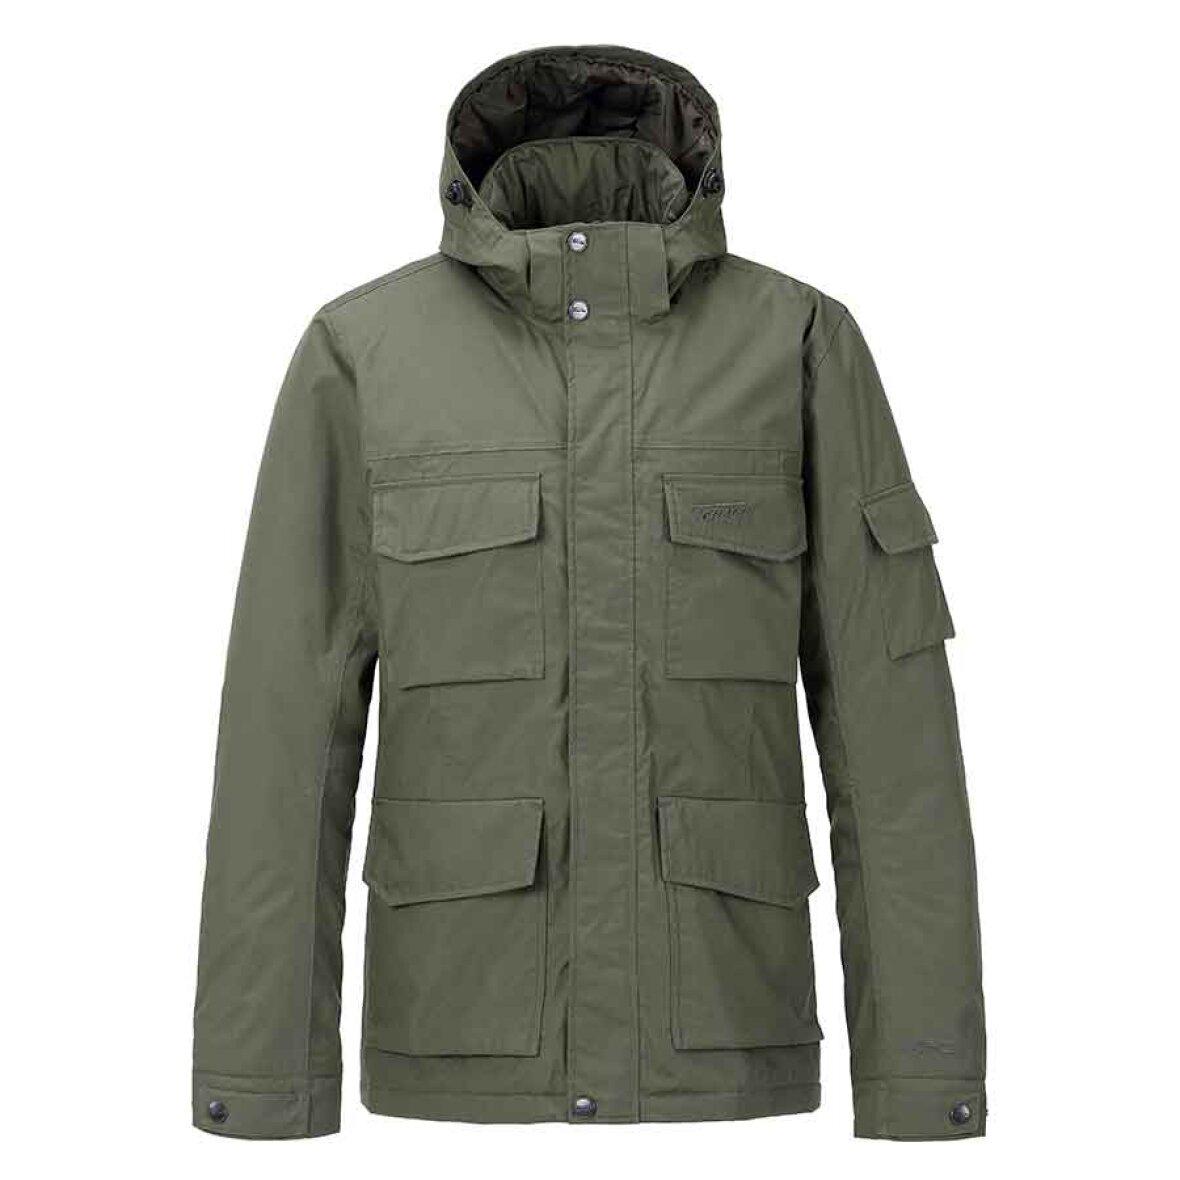 d276017d Vinter jakke bygget på rå kvalitet | Tenson - Danny M Khaki - køb her!